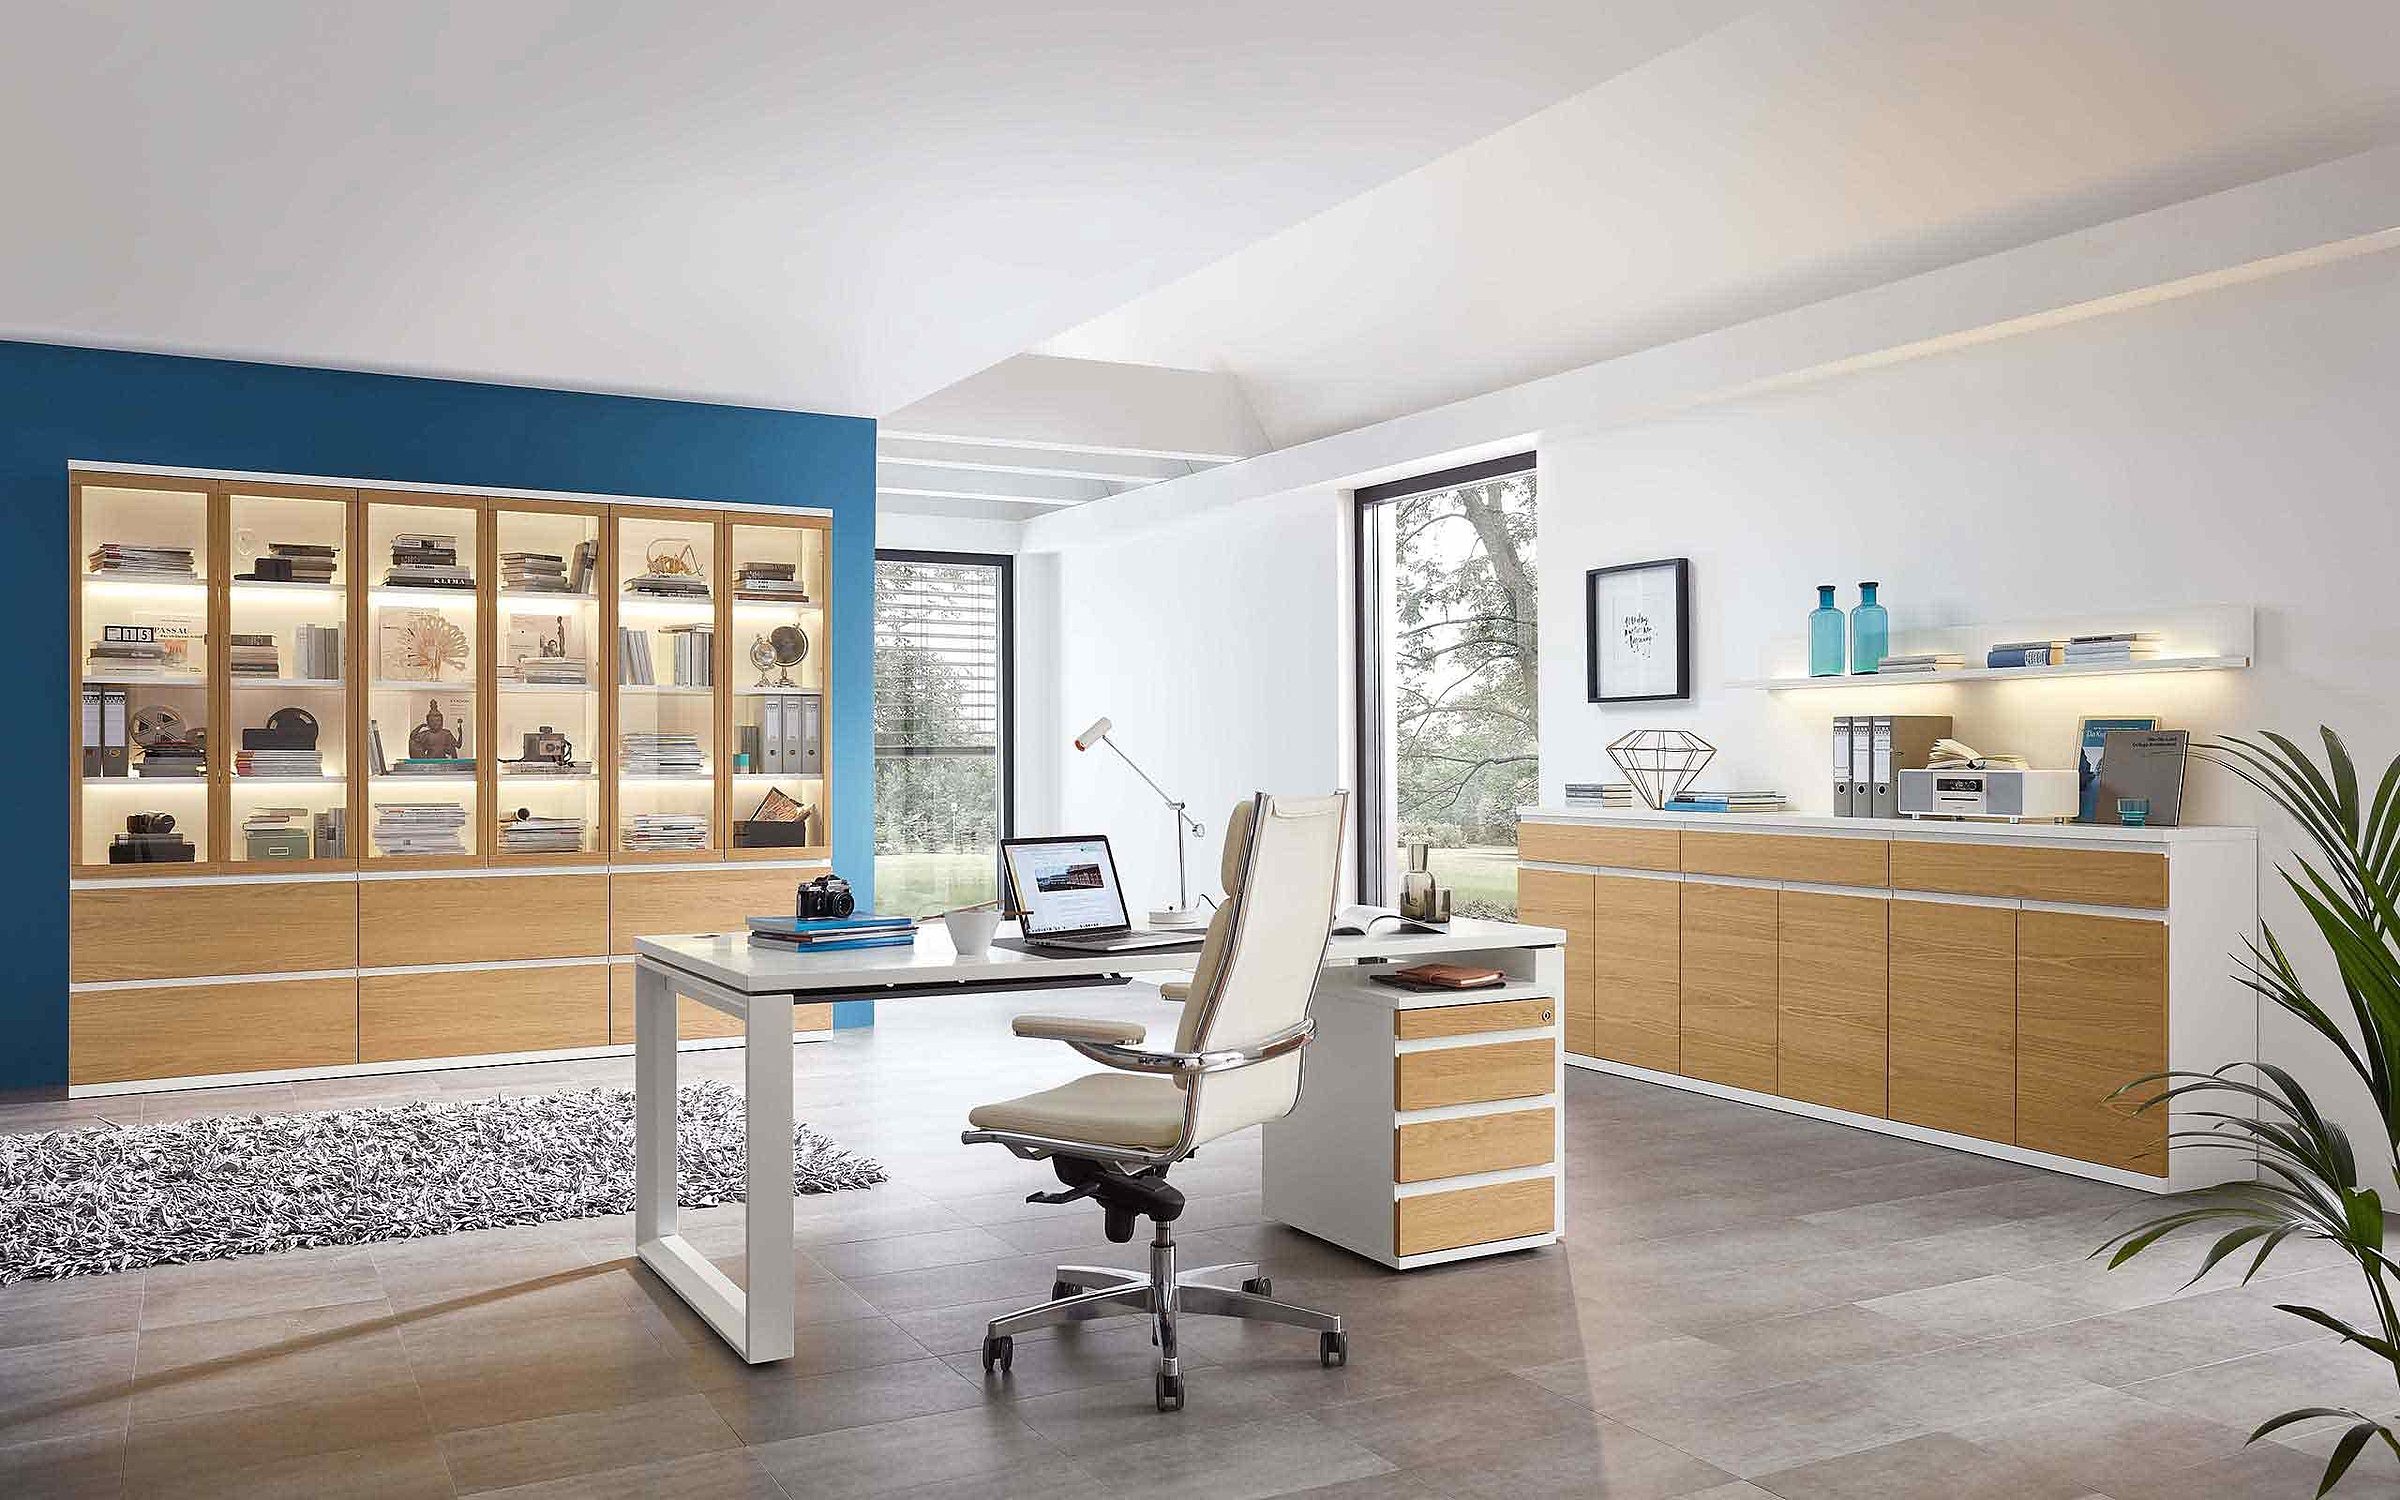 Vitrine Schreibtisch Rollcontainer Sideboard Büro Enjoy Lack weiß Holz Eiche sand